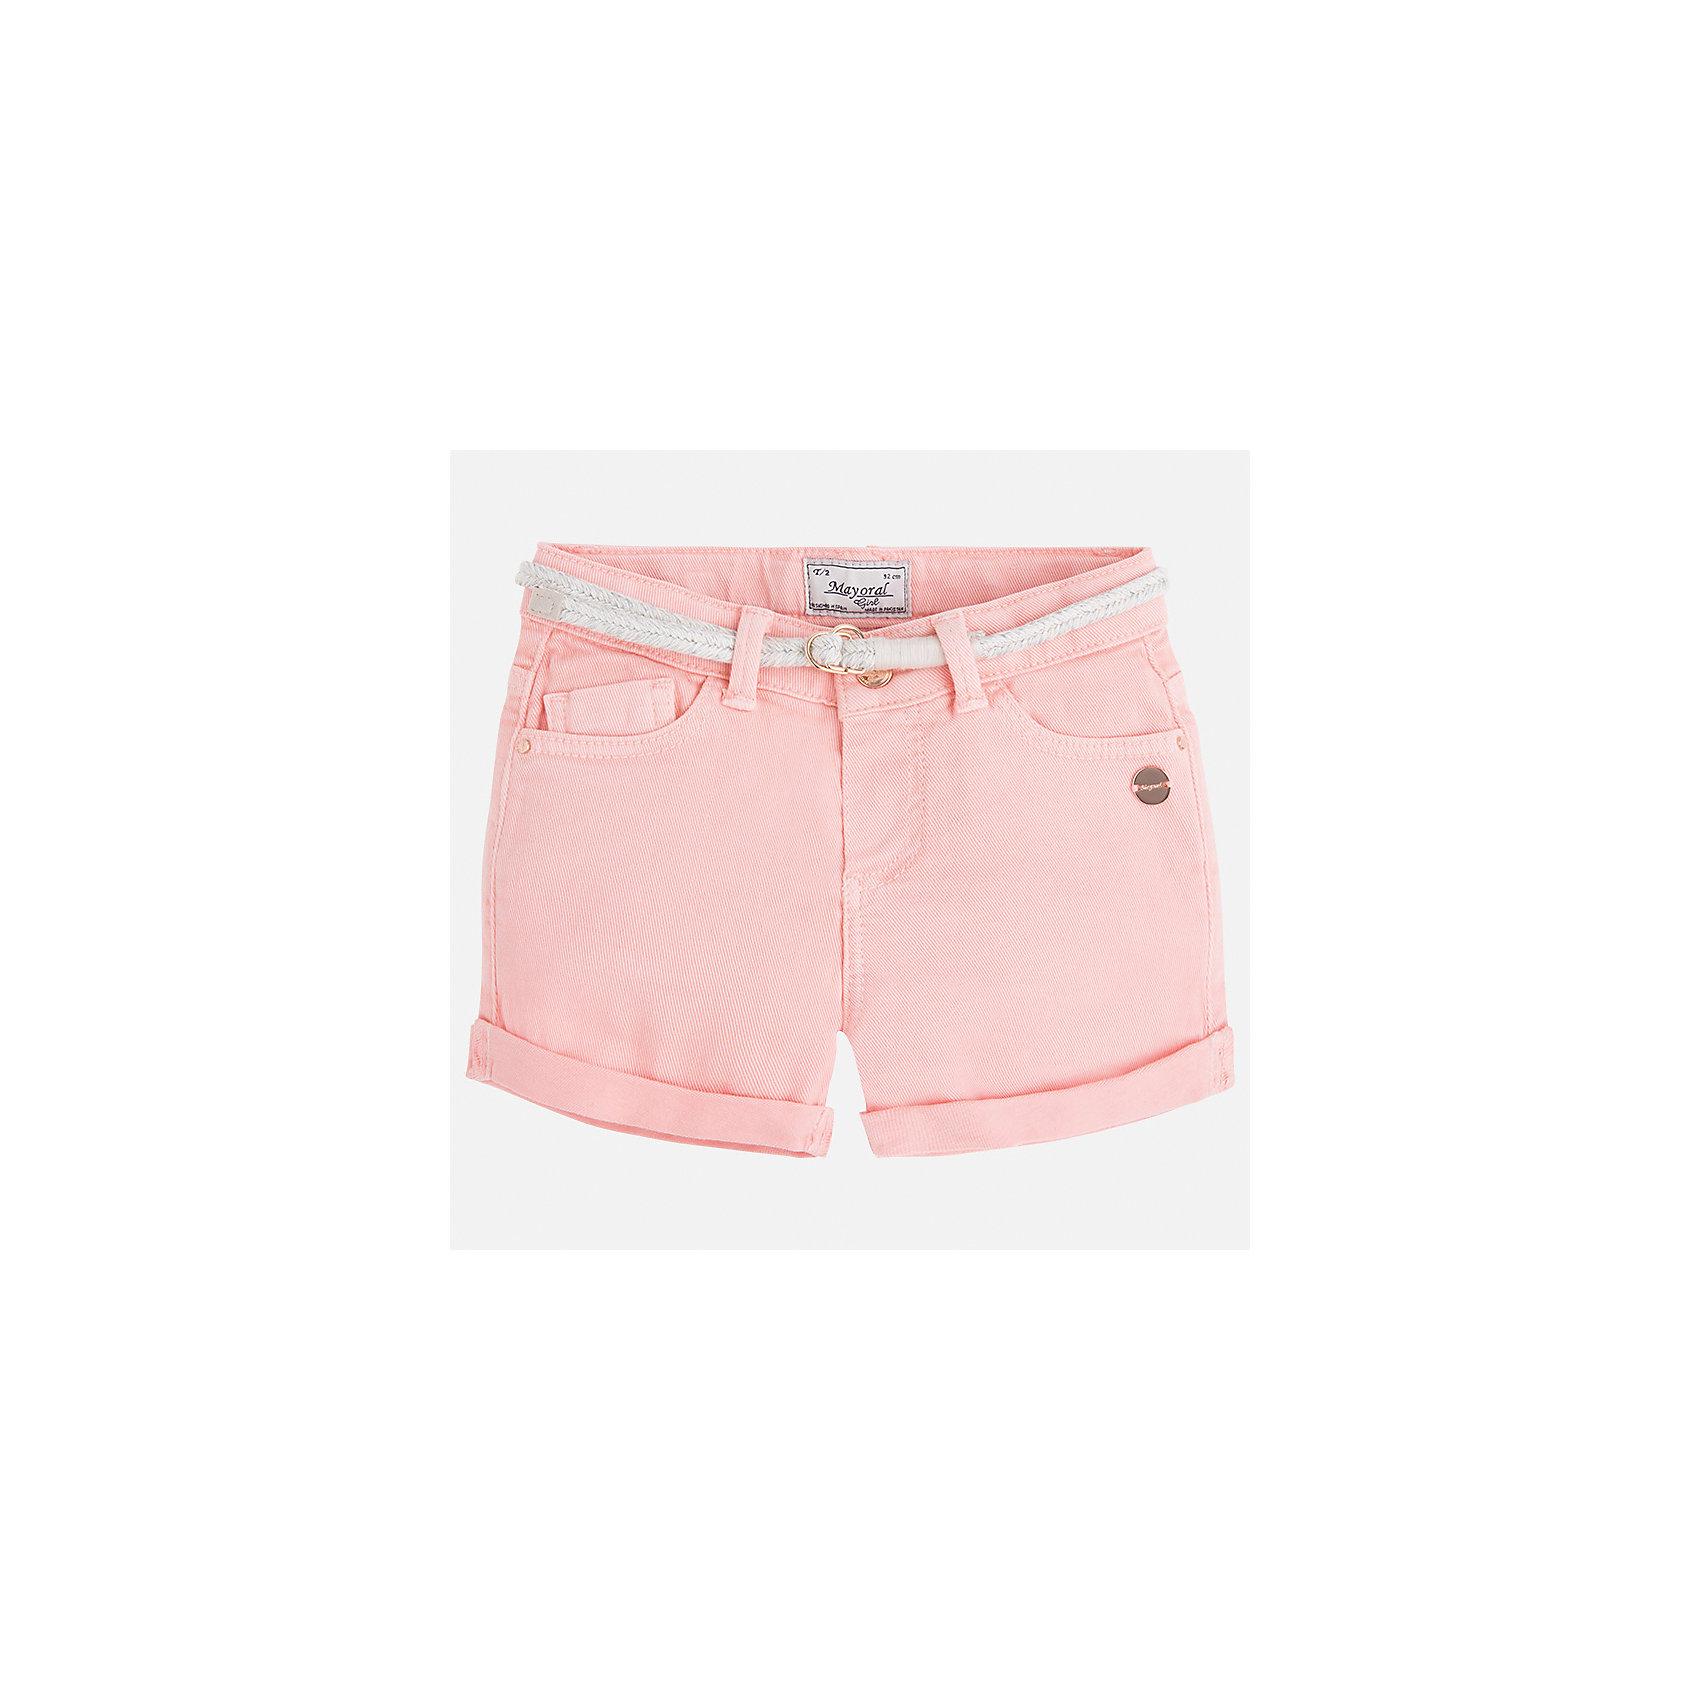 Шорты для девочки MayoralШорты, бриджи, капри<br>Характеристики товара:<br><br>• цвет: розовый<br>• состав: 98% хлопок, 2% эластан<br>• карманы<br>• шлевки<br>• пояс с регулировкой объема<br>• отвороты<br>• страна бренда: Испания<br><br>Модные легкие шорты для девочки смогут разнообразить гардероб ребенка и украсить наряд. Они отлично сочетаются с майками, футболками, блузками. Красивый оттенок позволяет подобрать к вещи верх разных расцветок. Интересный крой модели делает её нарядной и оригинальной. <br><br>Одежда, обувь и аксессуары от испанского бренда Mayoral полюбились детям и взрослым по всему миру. Модели этой марки - стильные и удобные. Для их производства используются только безопасные, качественные материалы и фурнитура. Порадуйте ребенка модными и красивыми вещами от Mayoral! <br><br>Шорты для девочки от испанского бренда Mayoral (Майорал) можно купить в нашем интернет-магазине.<br><br>Ширина мм: 191<br>Глубина мм: 10<br>Высота мм: 175<br>Вес г: 273<br>Цвет: розовый<br>Возраст от месяцев: 24<br>Возраст до месяцев: 36<br>Пол: Женский<br>Возраст: Детский<br>Размер: 98,134,104,110,116,122,128<br>SKU: 5288556